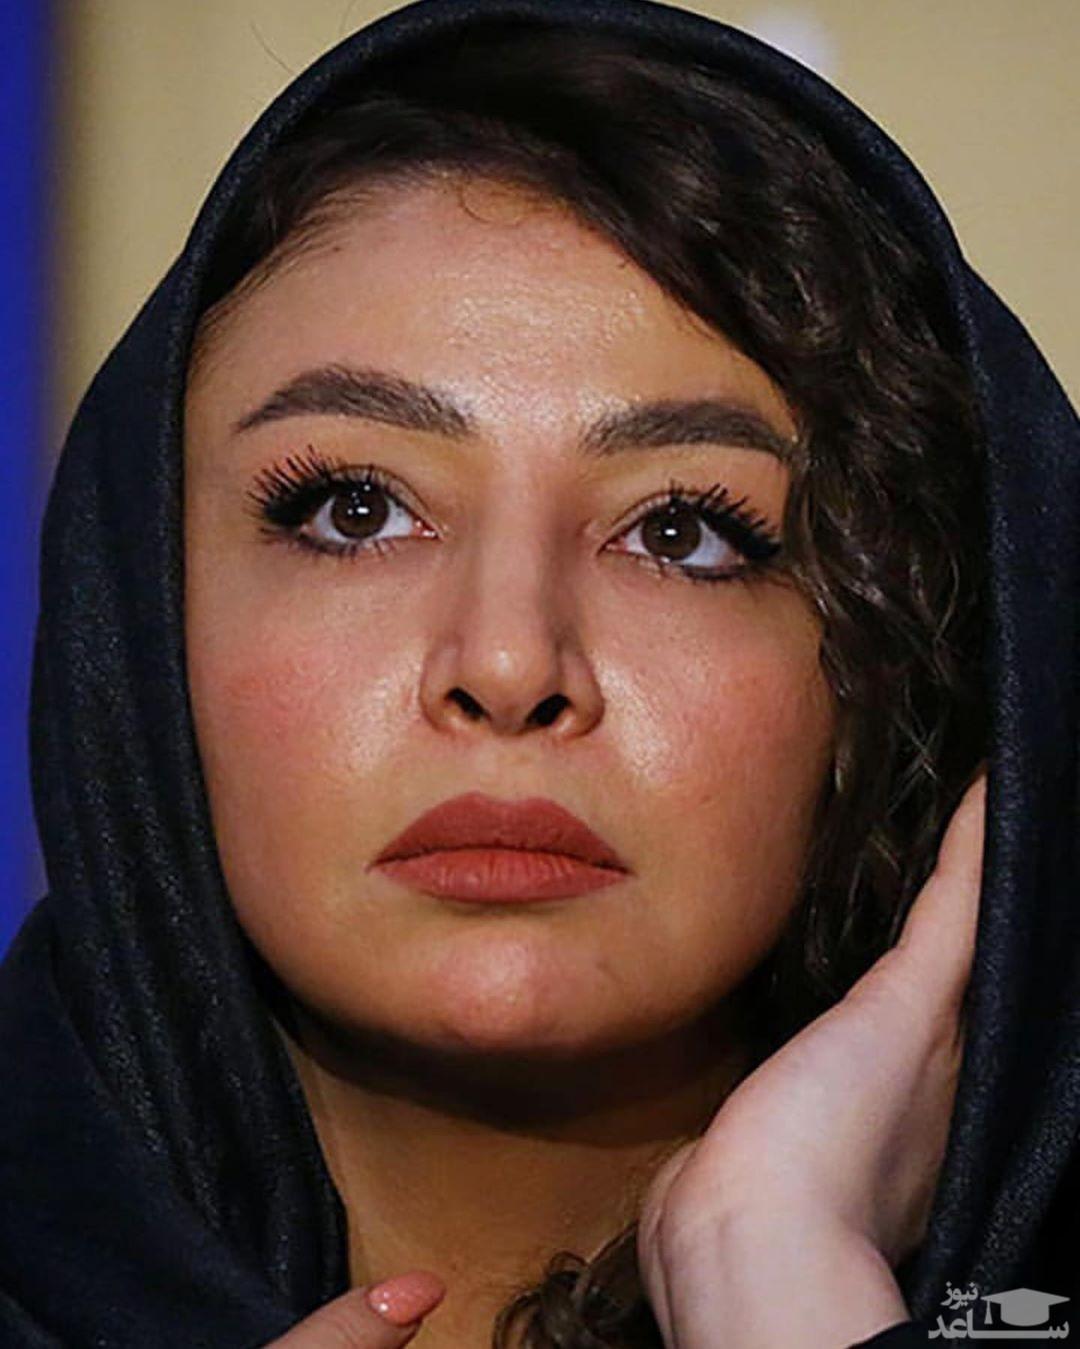 همسر جواد عزتی کیست؟ + تصاویر